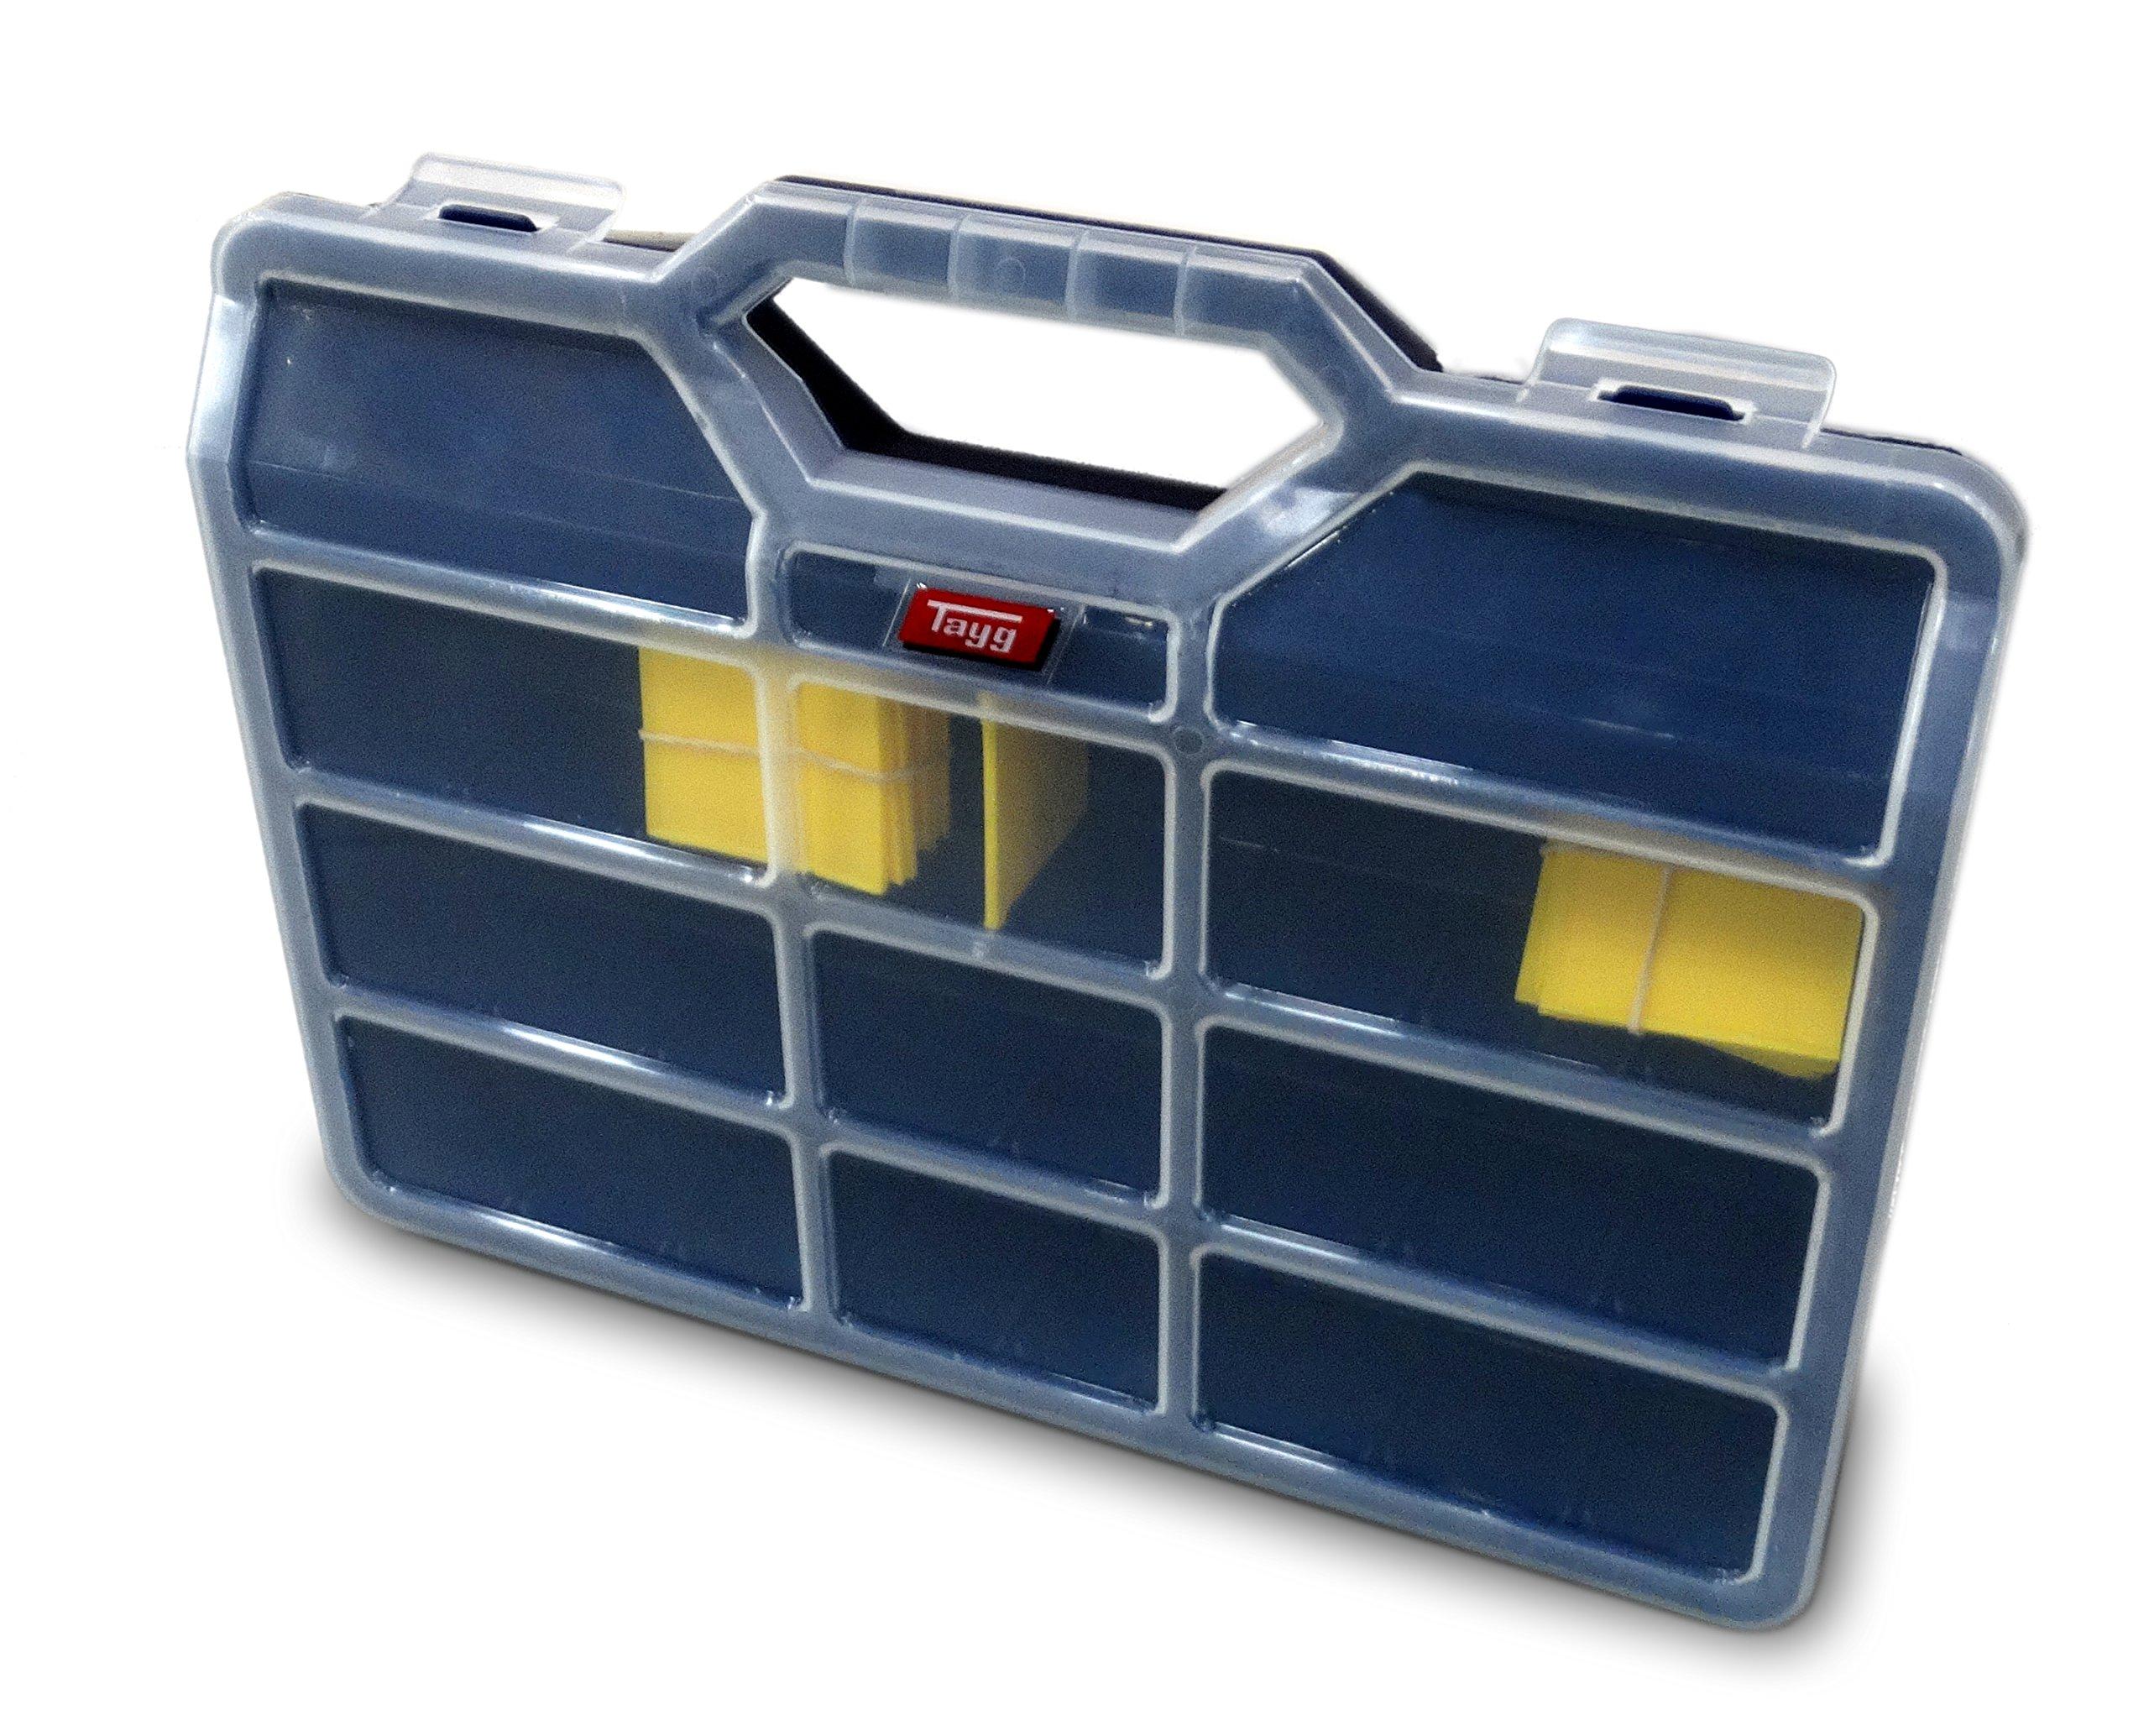 Tayg - Estuche con separadores moviles n.45 product image